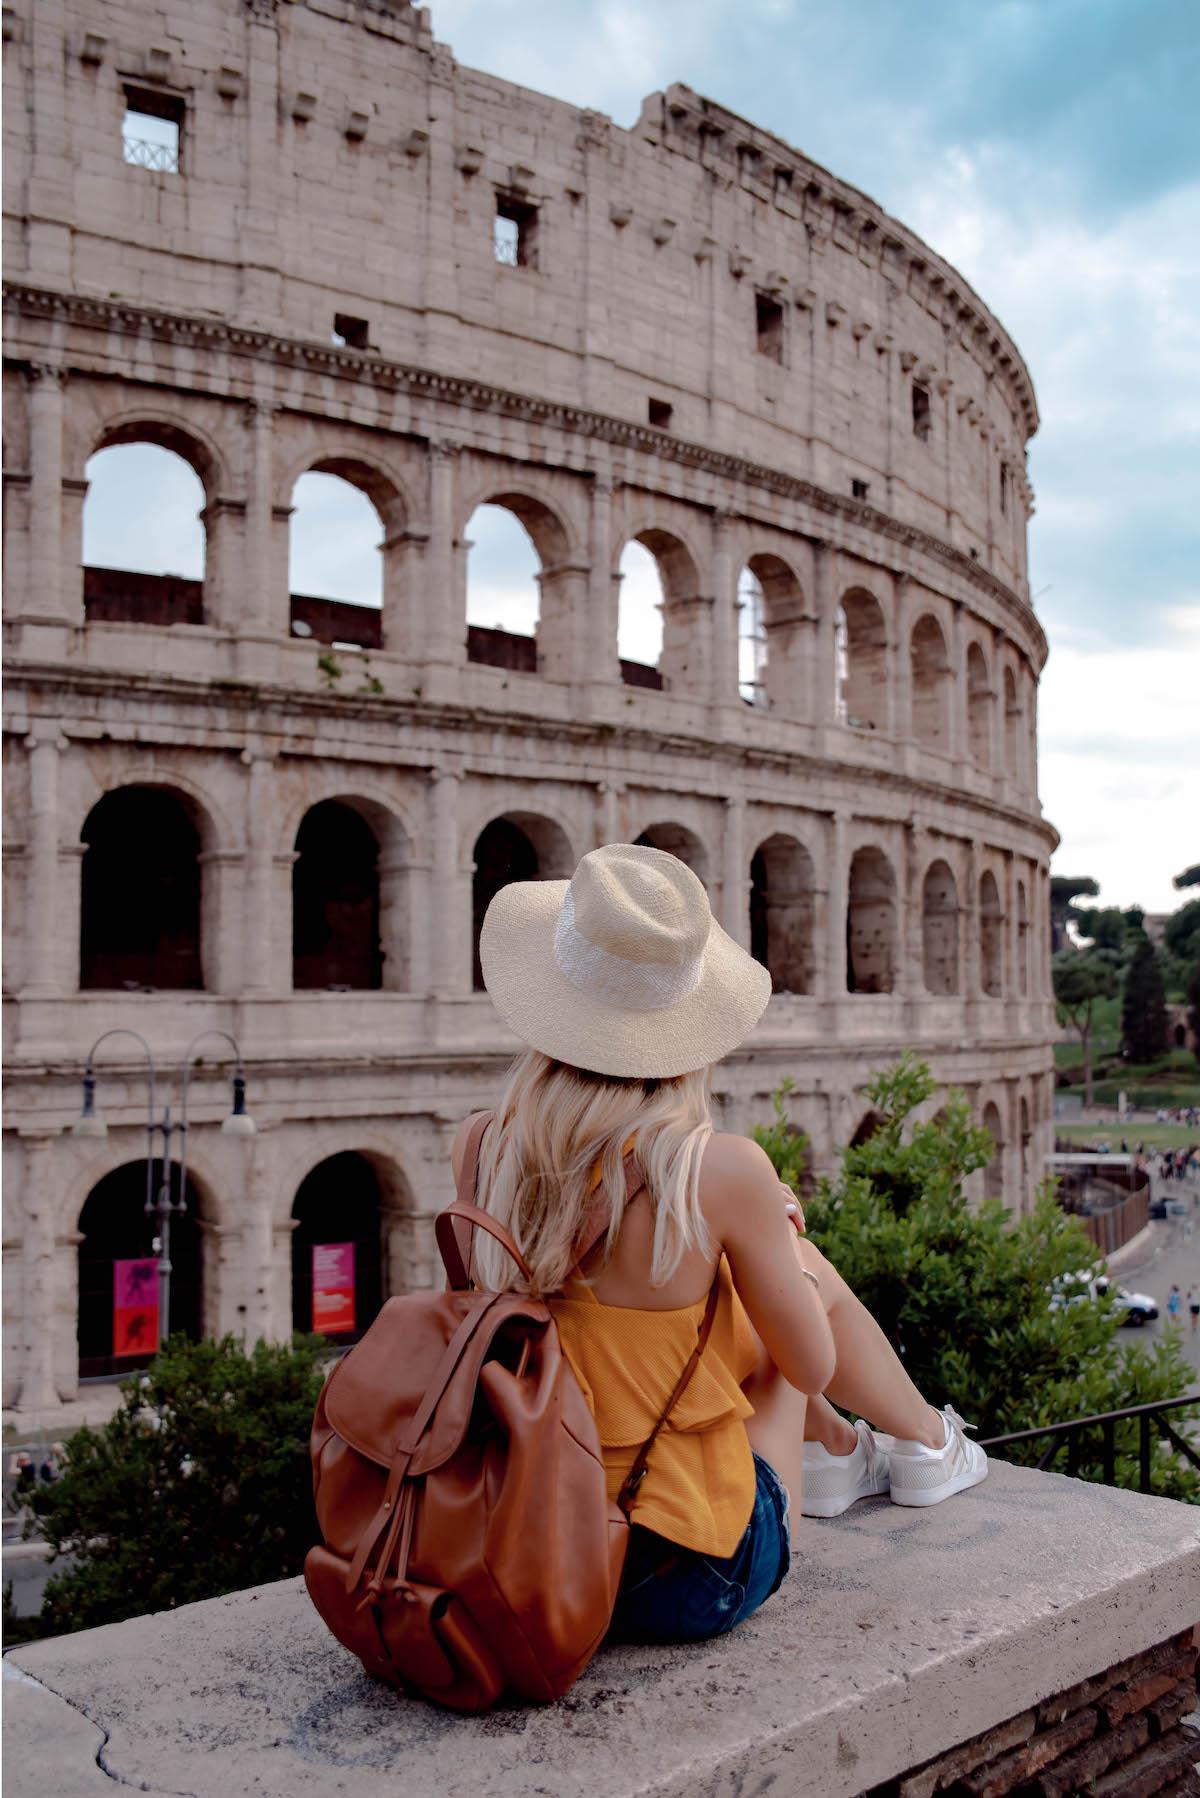 Roman Colosseum View